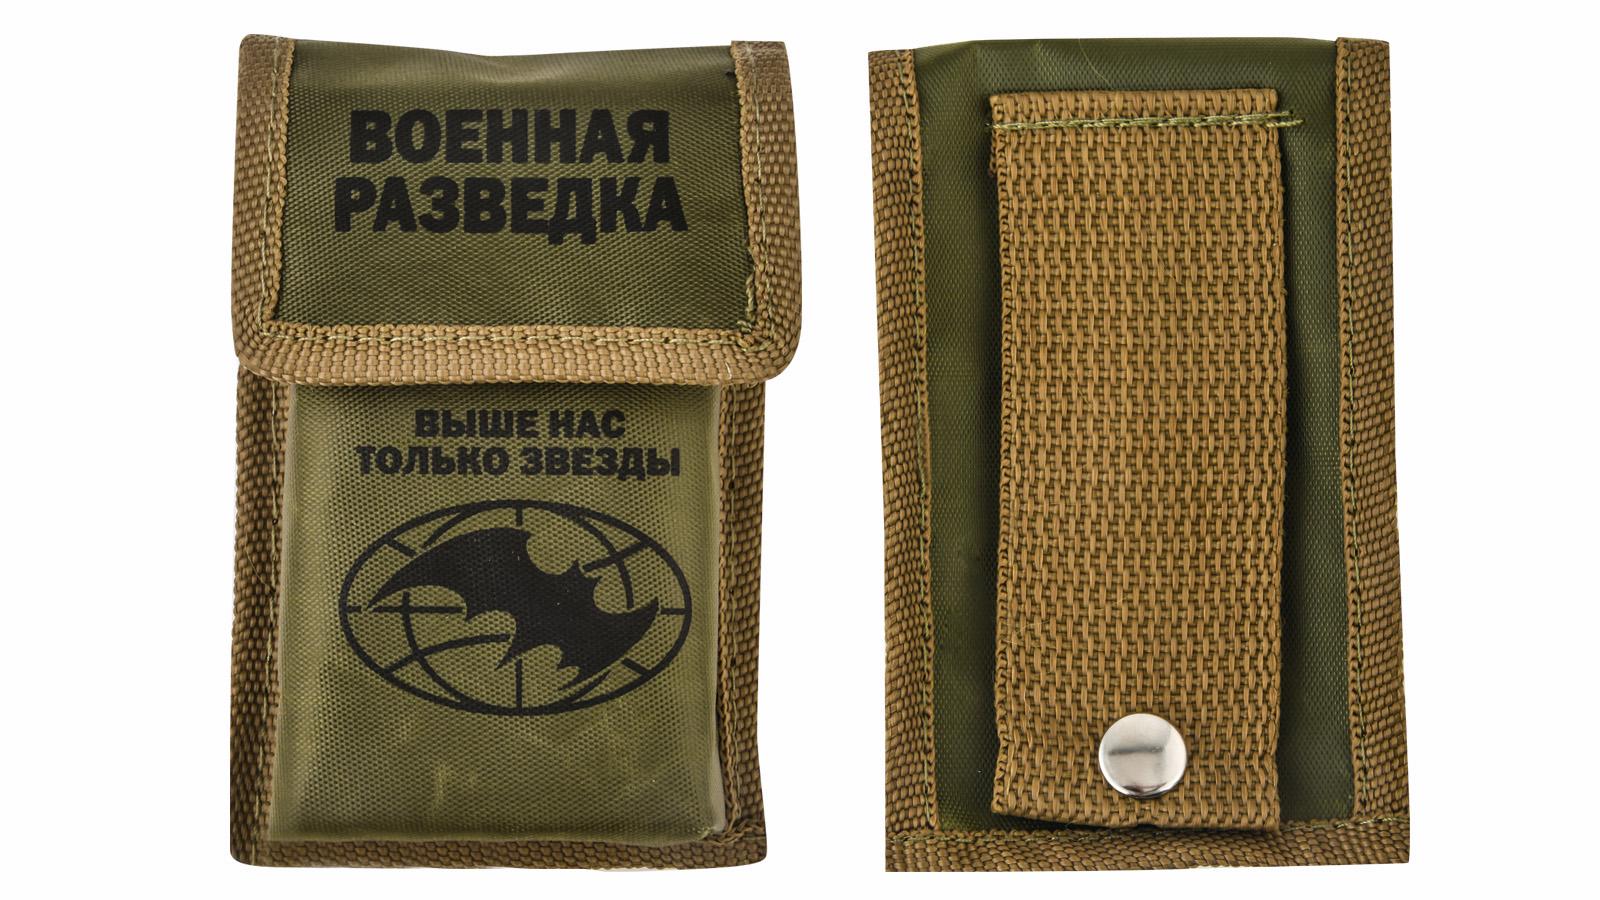 Заказать недорого подарок Военному разведчику